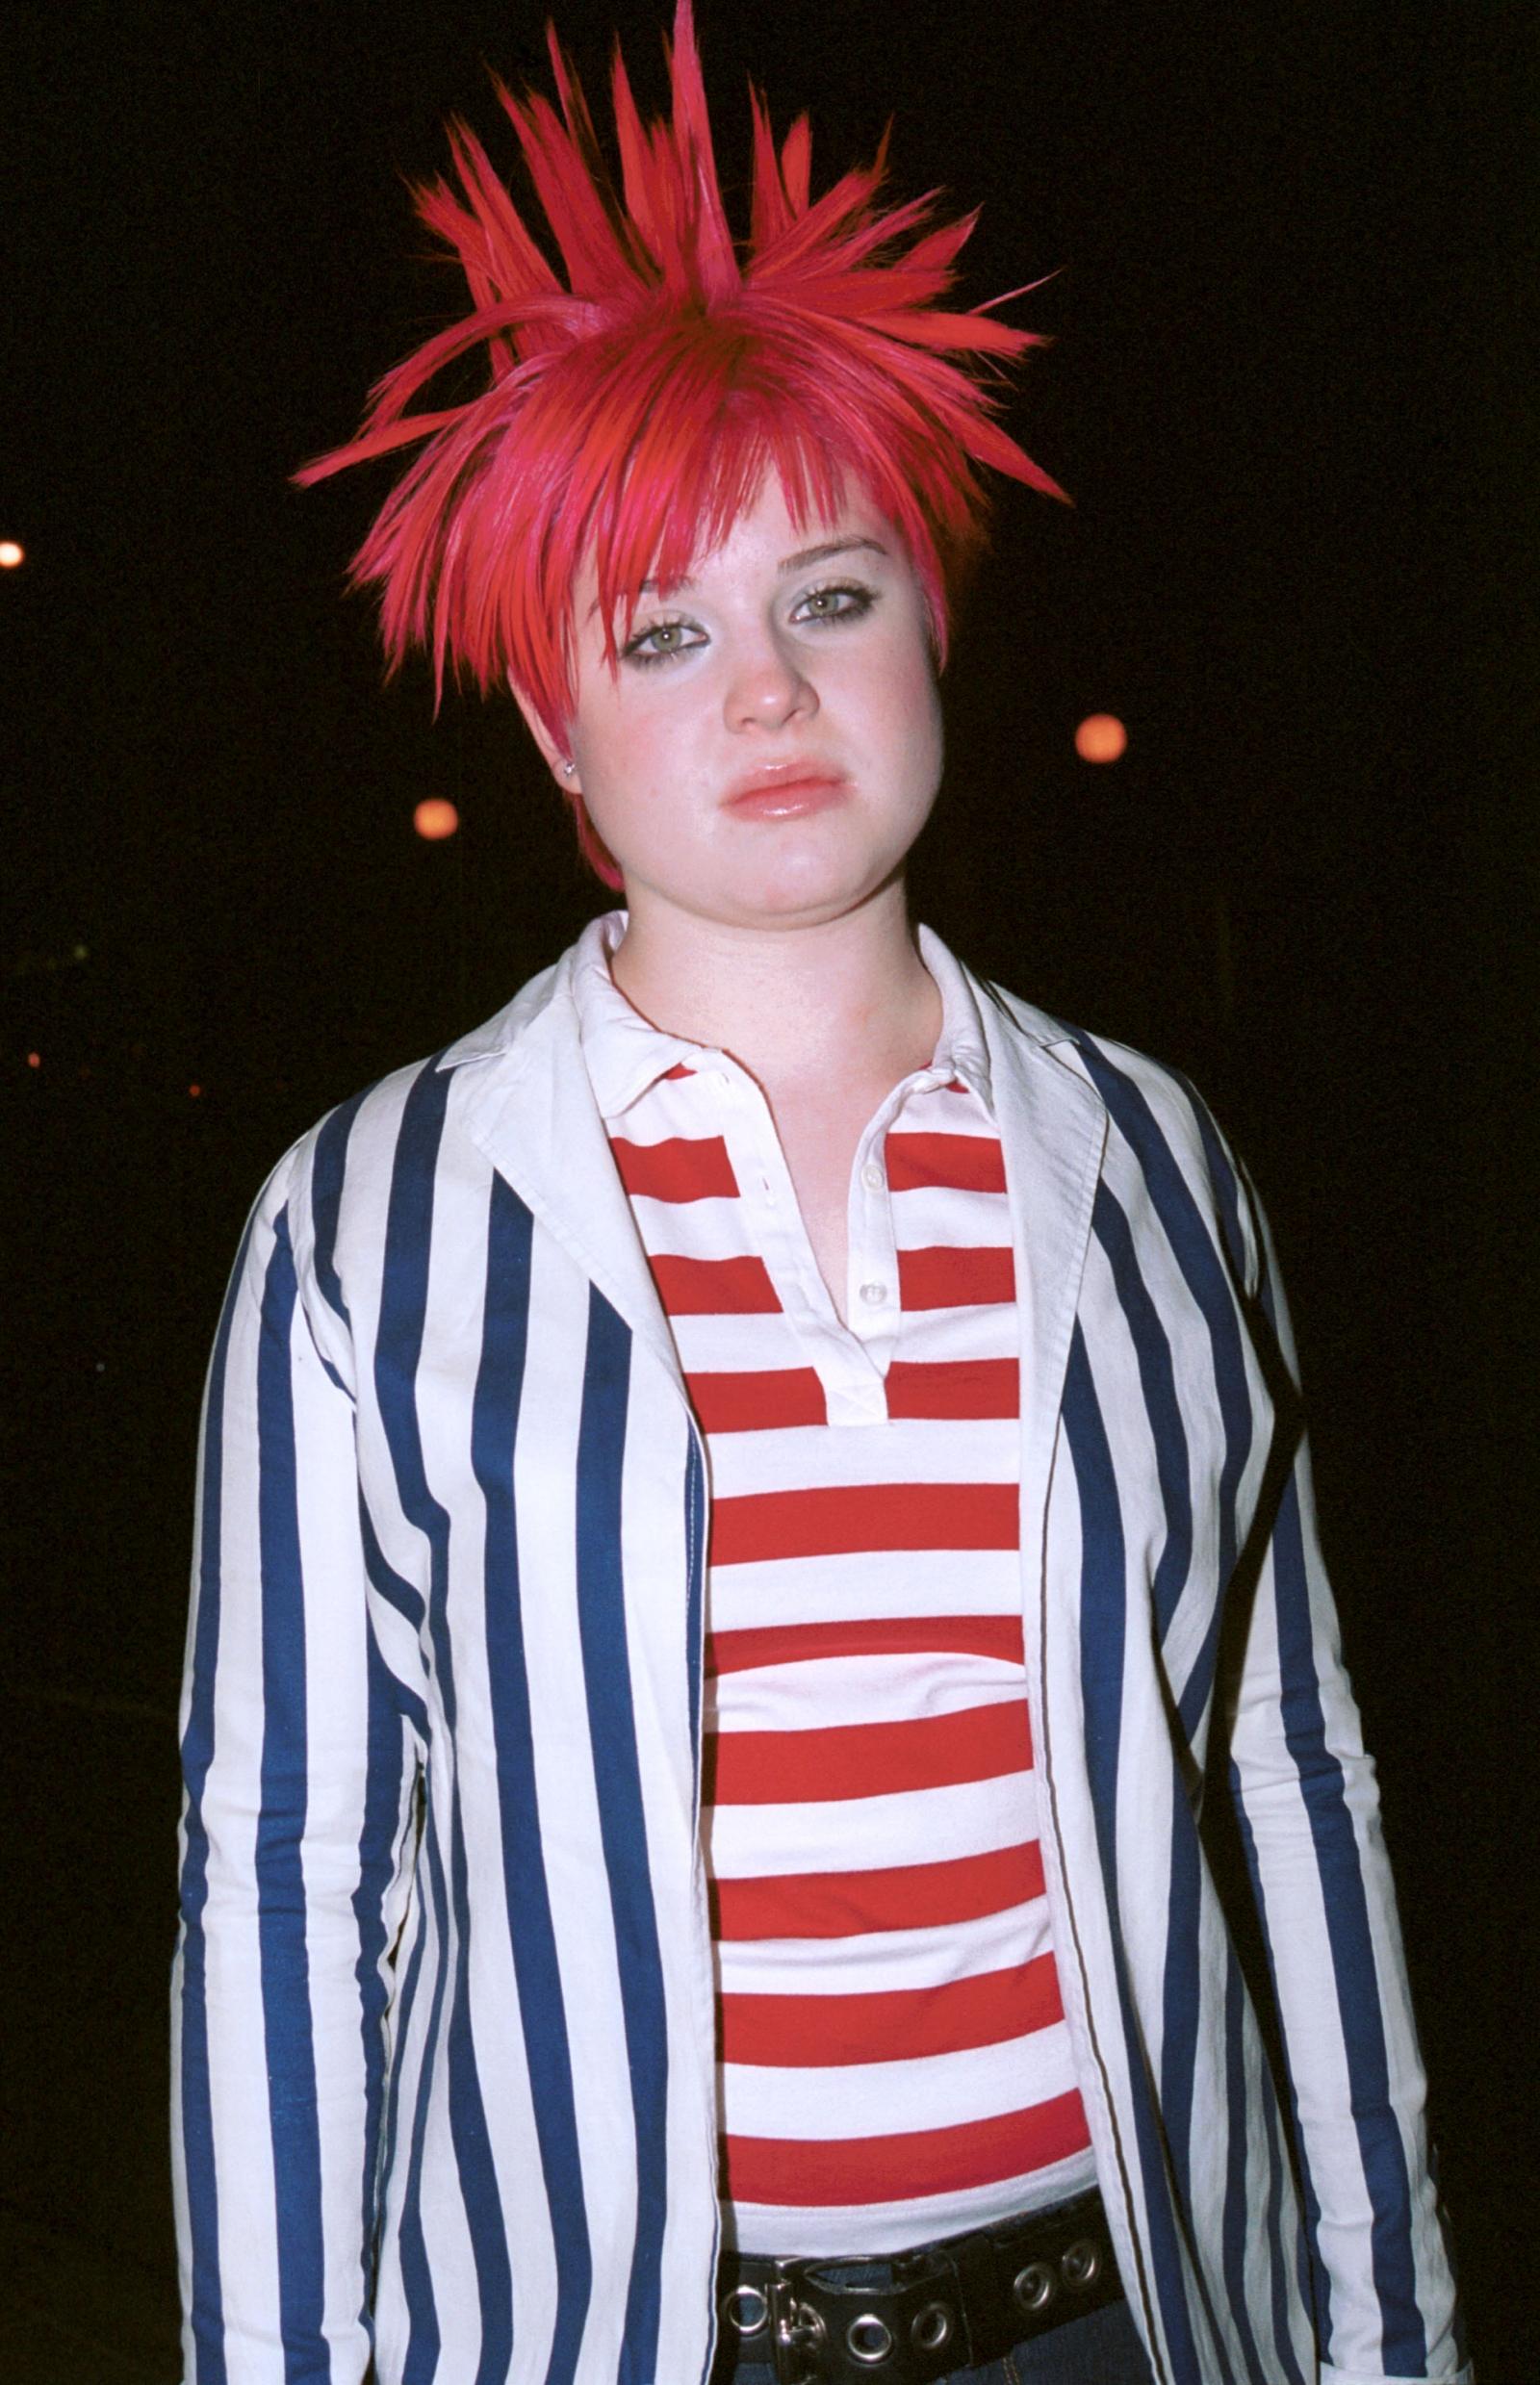 Kelly Osbourne circa 2002